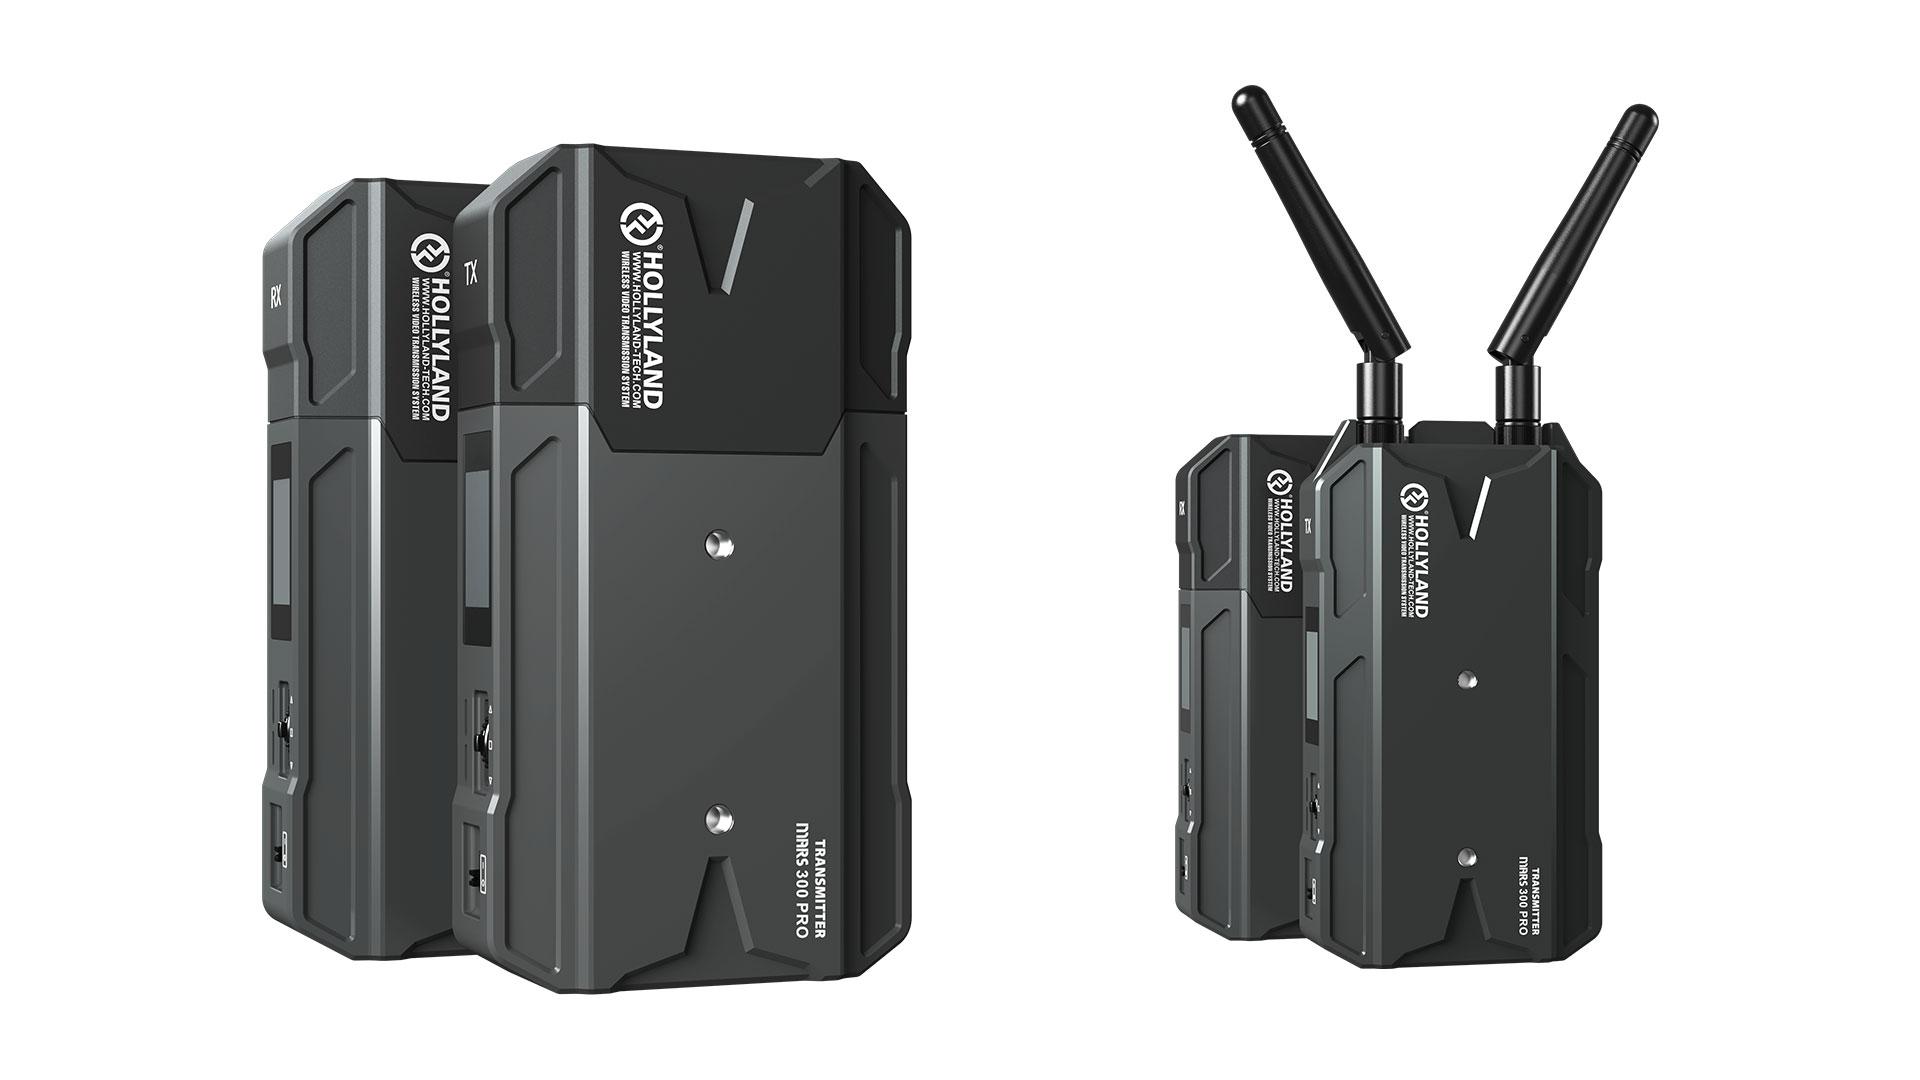 HollylandがMARS 300 PROワイヤレスビデオトランスミッターを発表